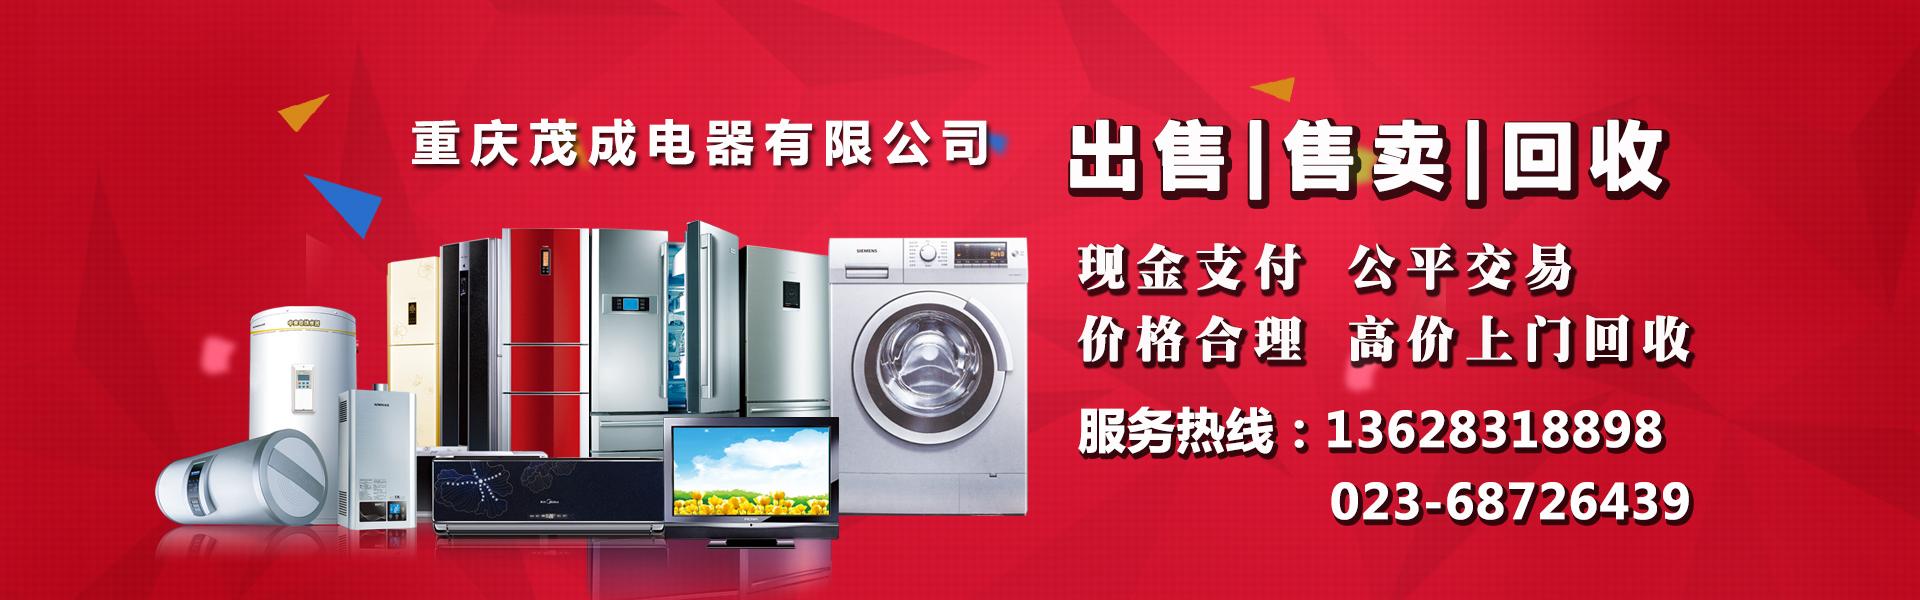 重庆电器收受接收主营:二手家电出售、收受接收、售卖等办事